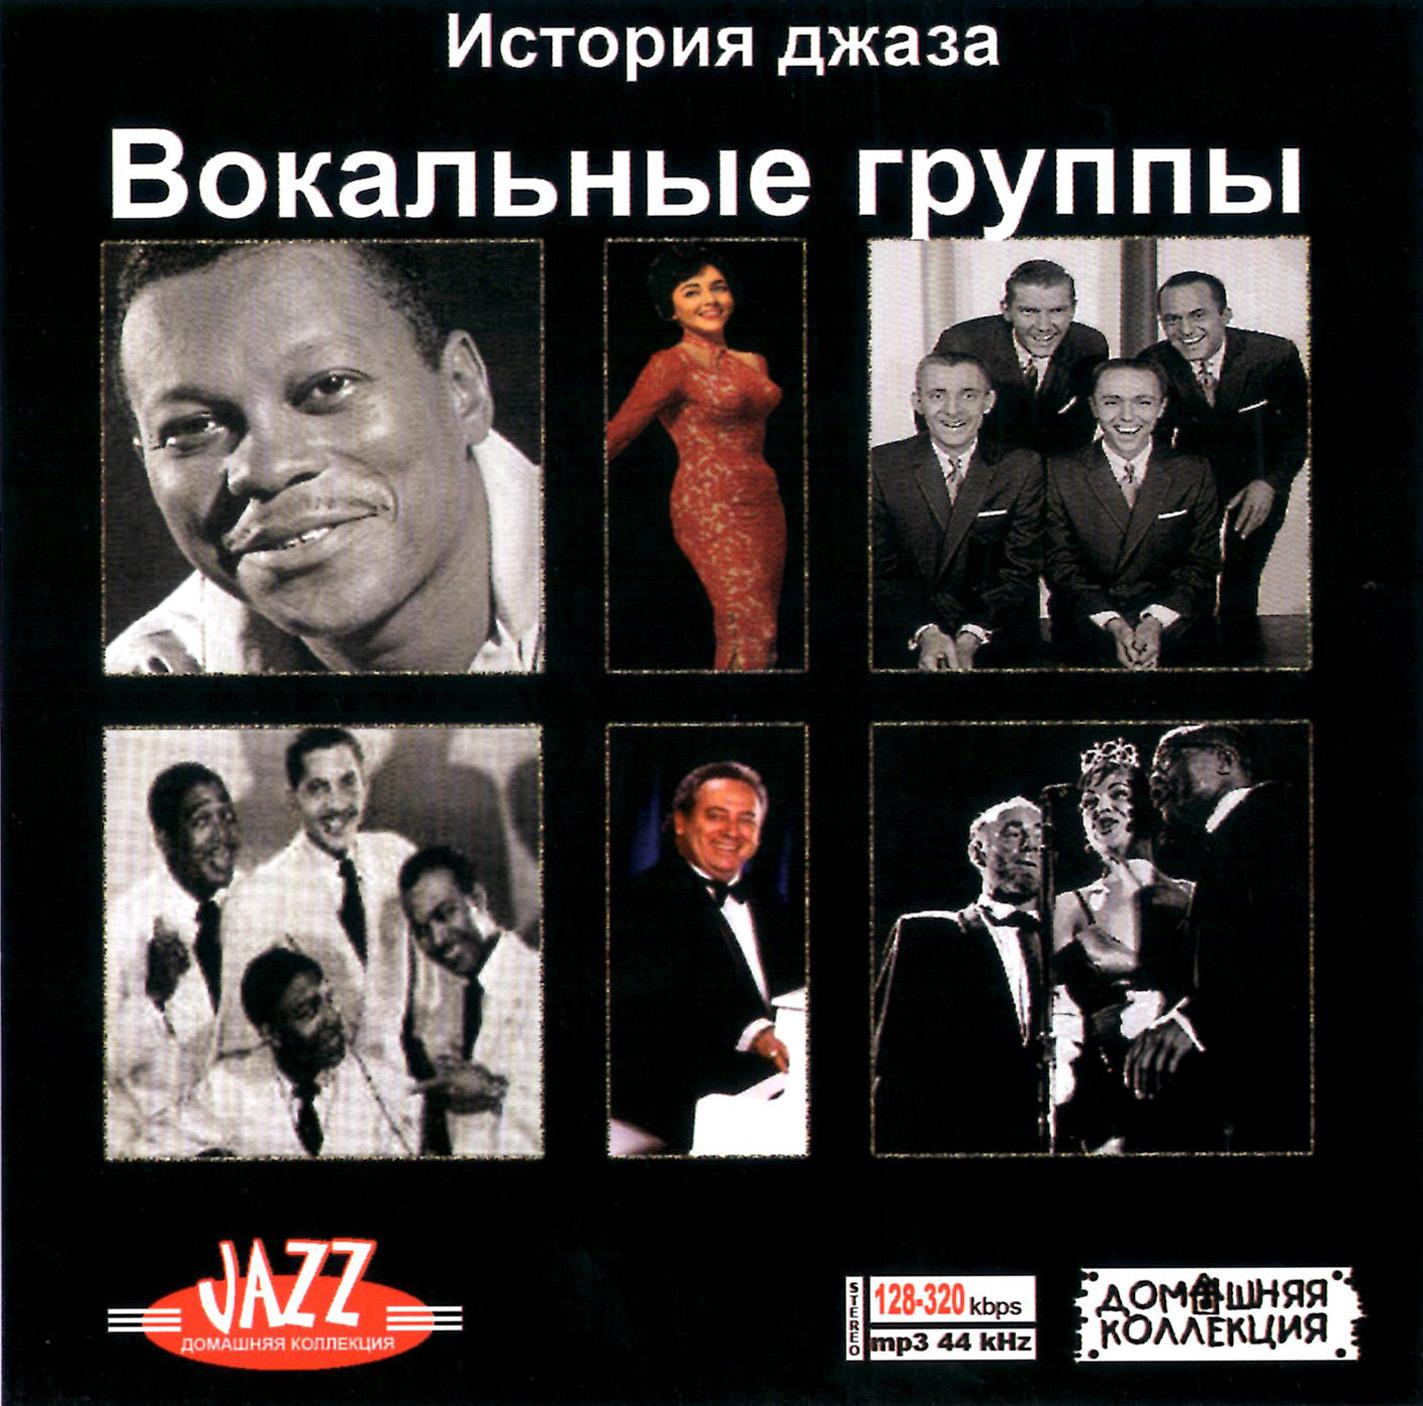 Вокальные группы джаз [mp3]